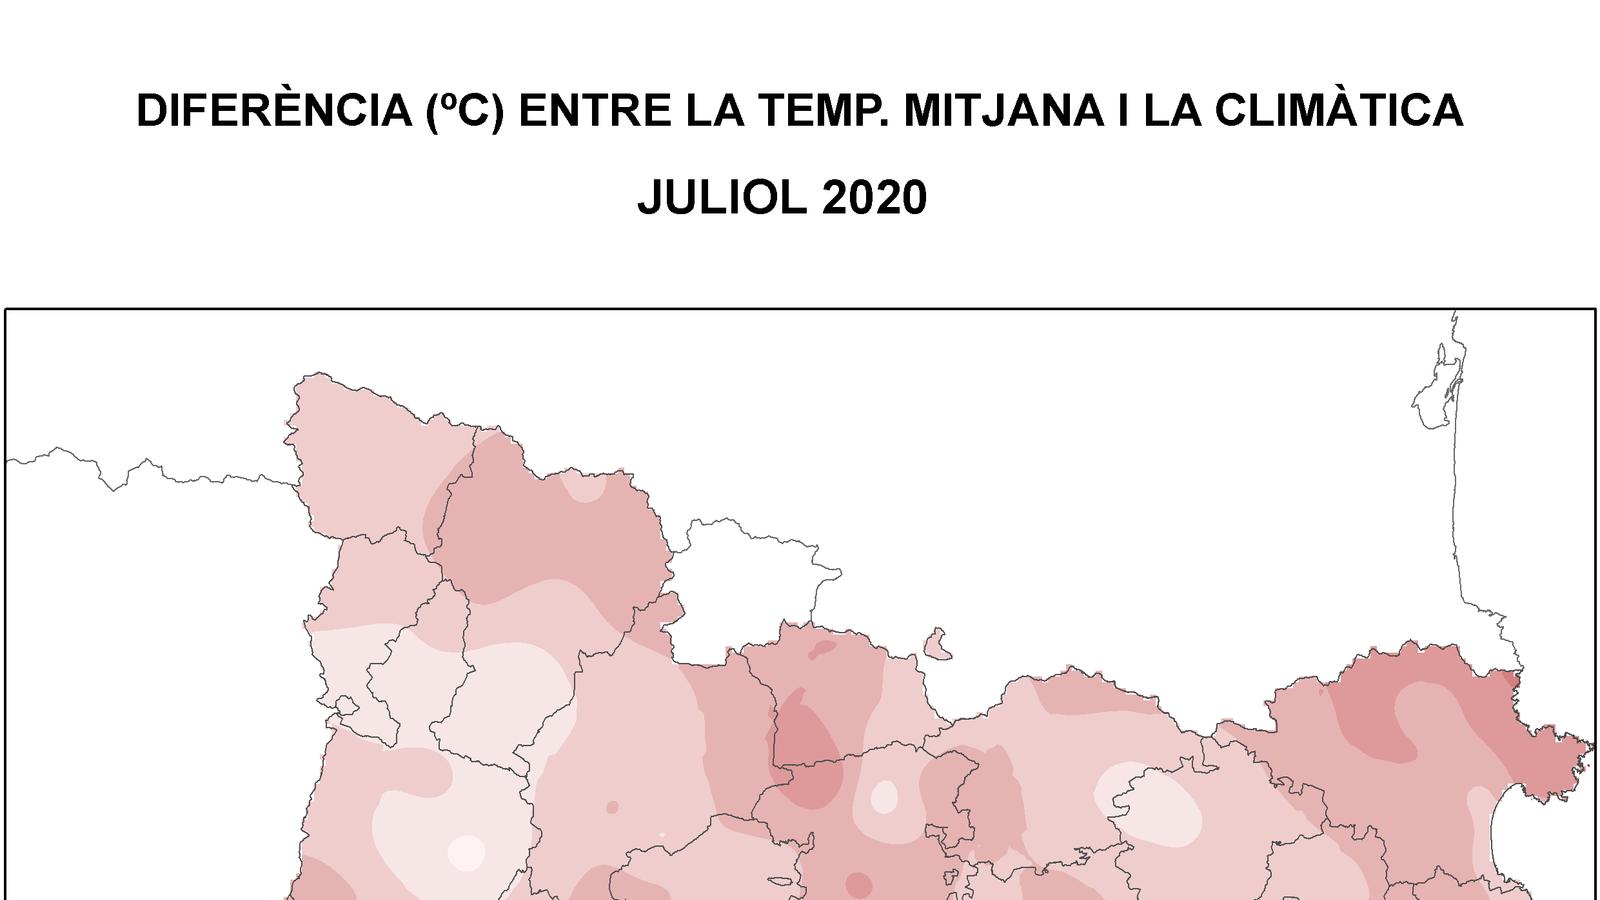 El juliol també ha estat més càlid que la mitjana climàtica